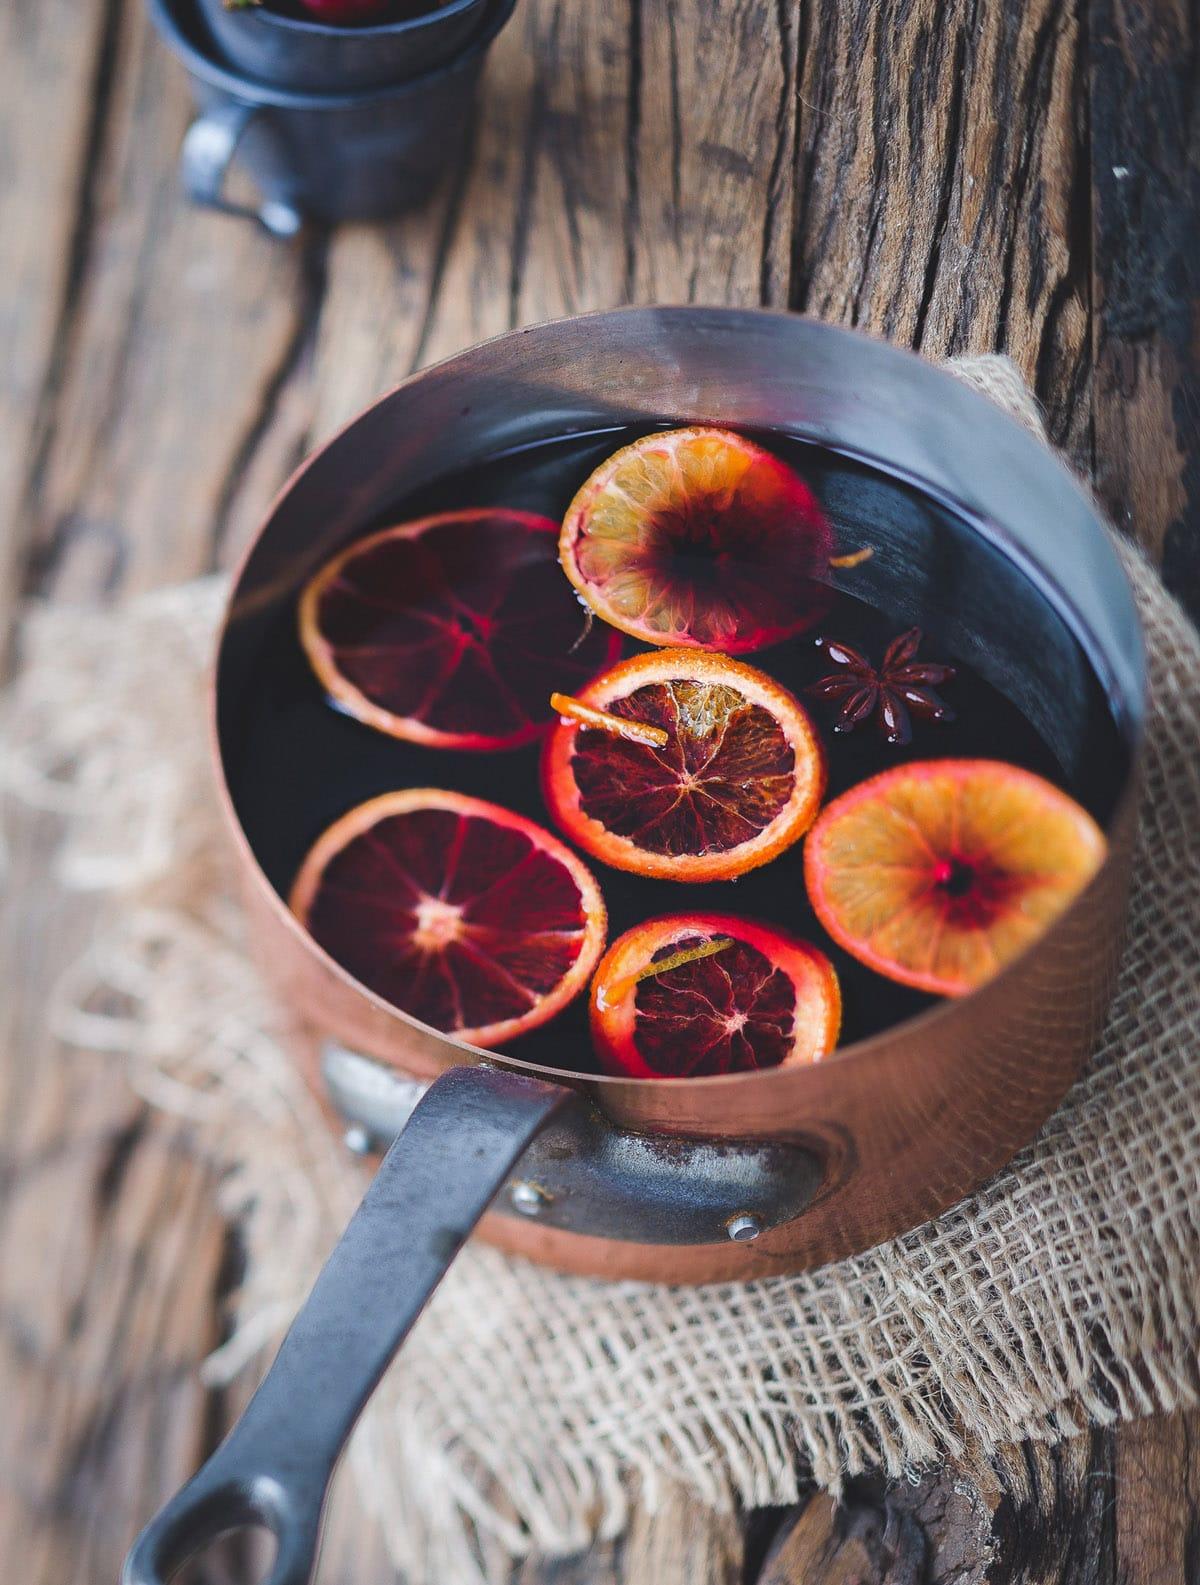 Adventstee selber machen Rezept mit Rooibos Tee, Schokolade, Orange und Zimt